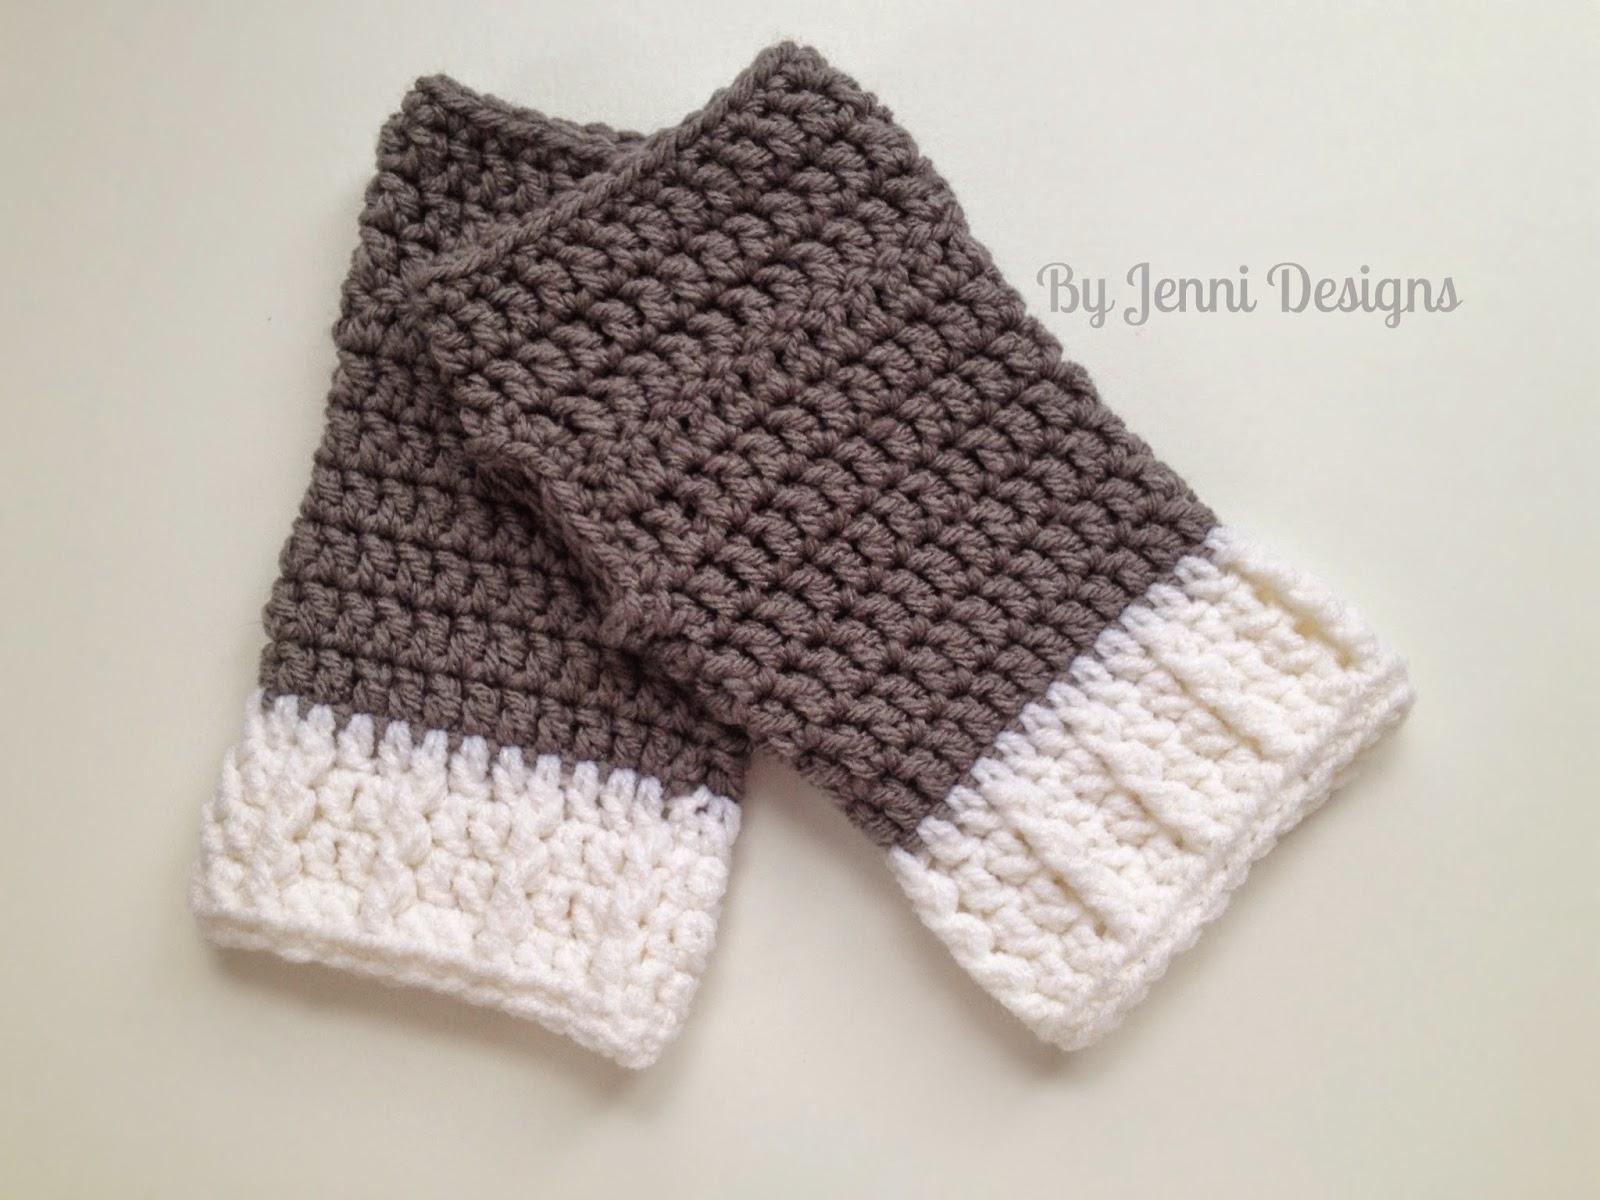 Easy Crochet Gloves Free Pattern : By Jenni Designs: Free Crochet Pattern: Easy Ribbed Cuff ...